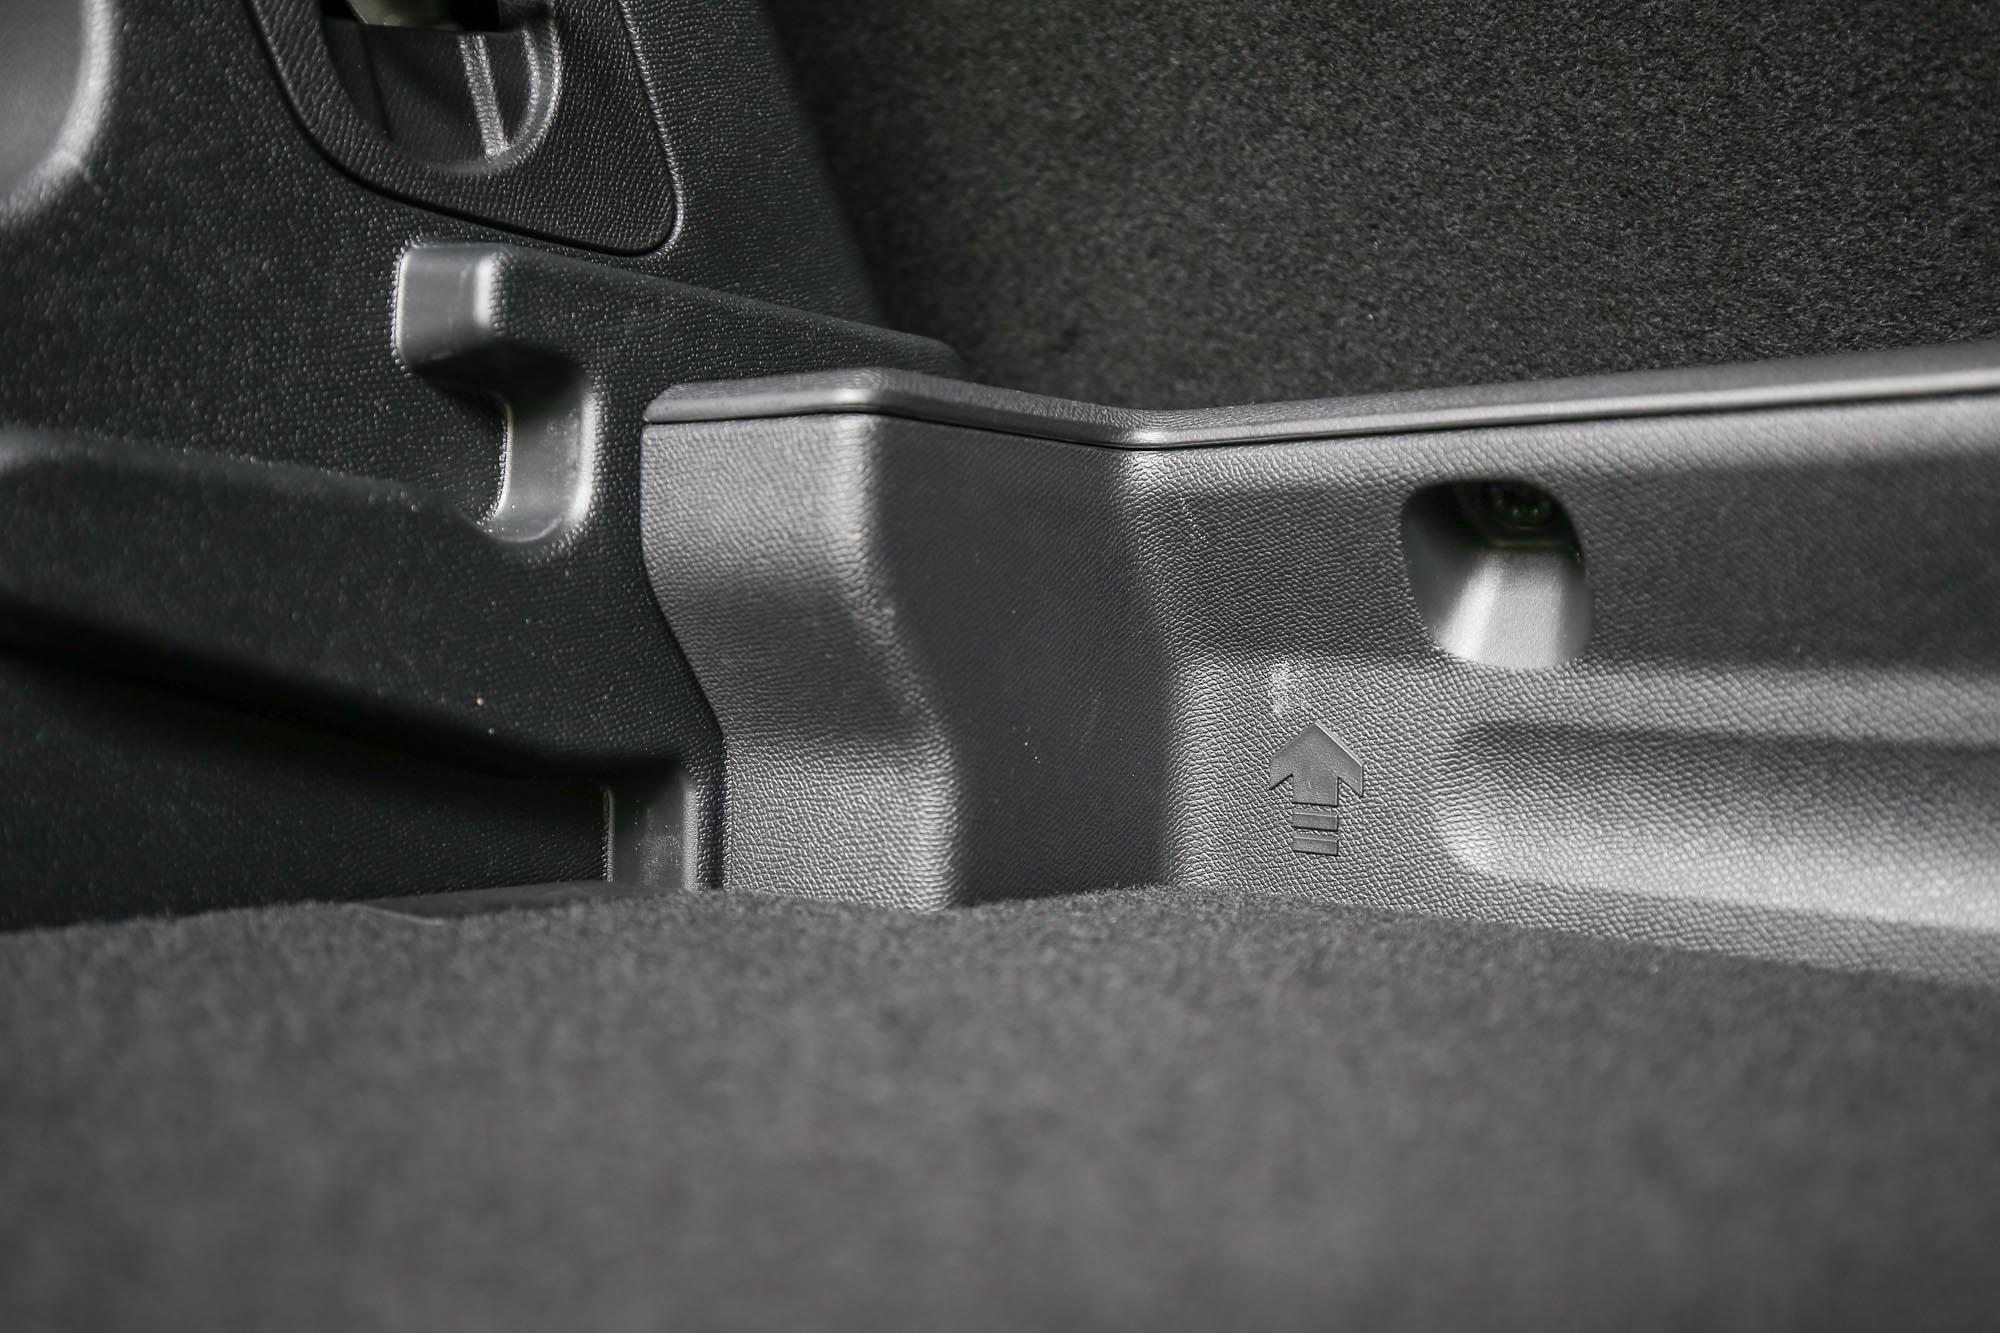 後廂底板具有高低可調機制,提升置物機能。